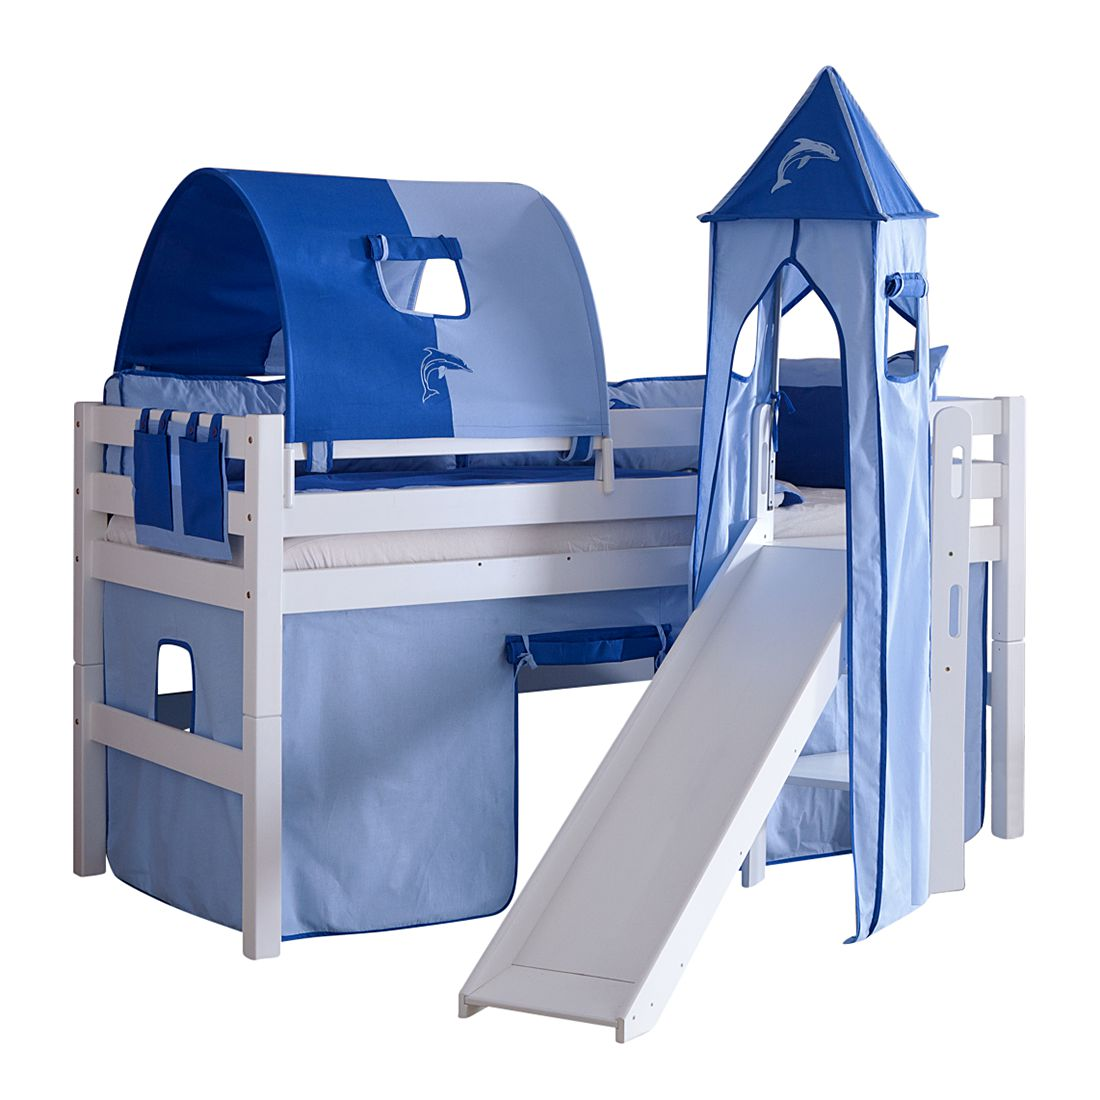 spielbett eliyas mit rutsche vorhang tunnel turm und tasche buche wei textil blau delfin. Black Bedroom Furniture Sets. Home Design Ideas